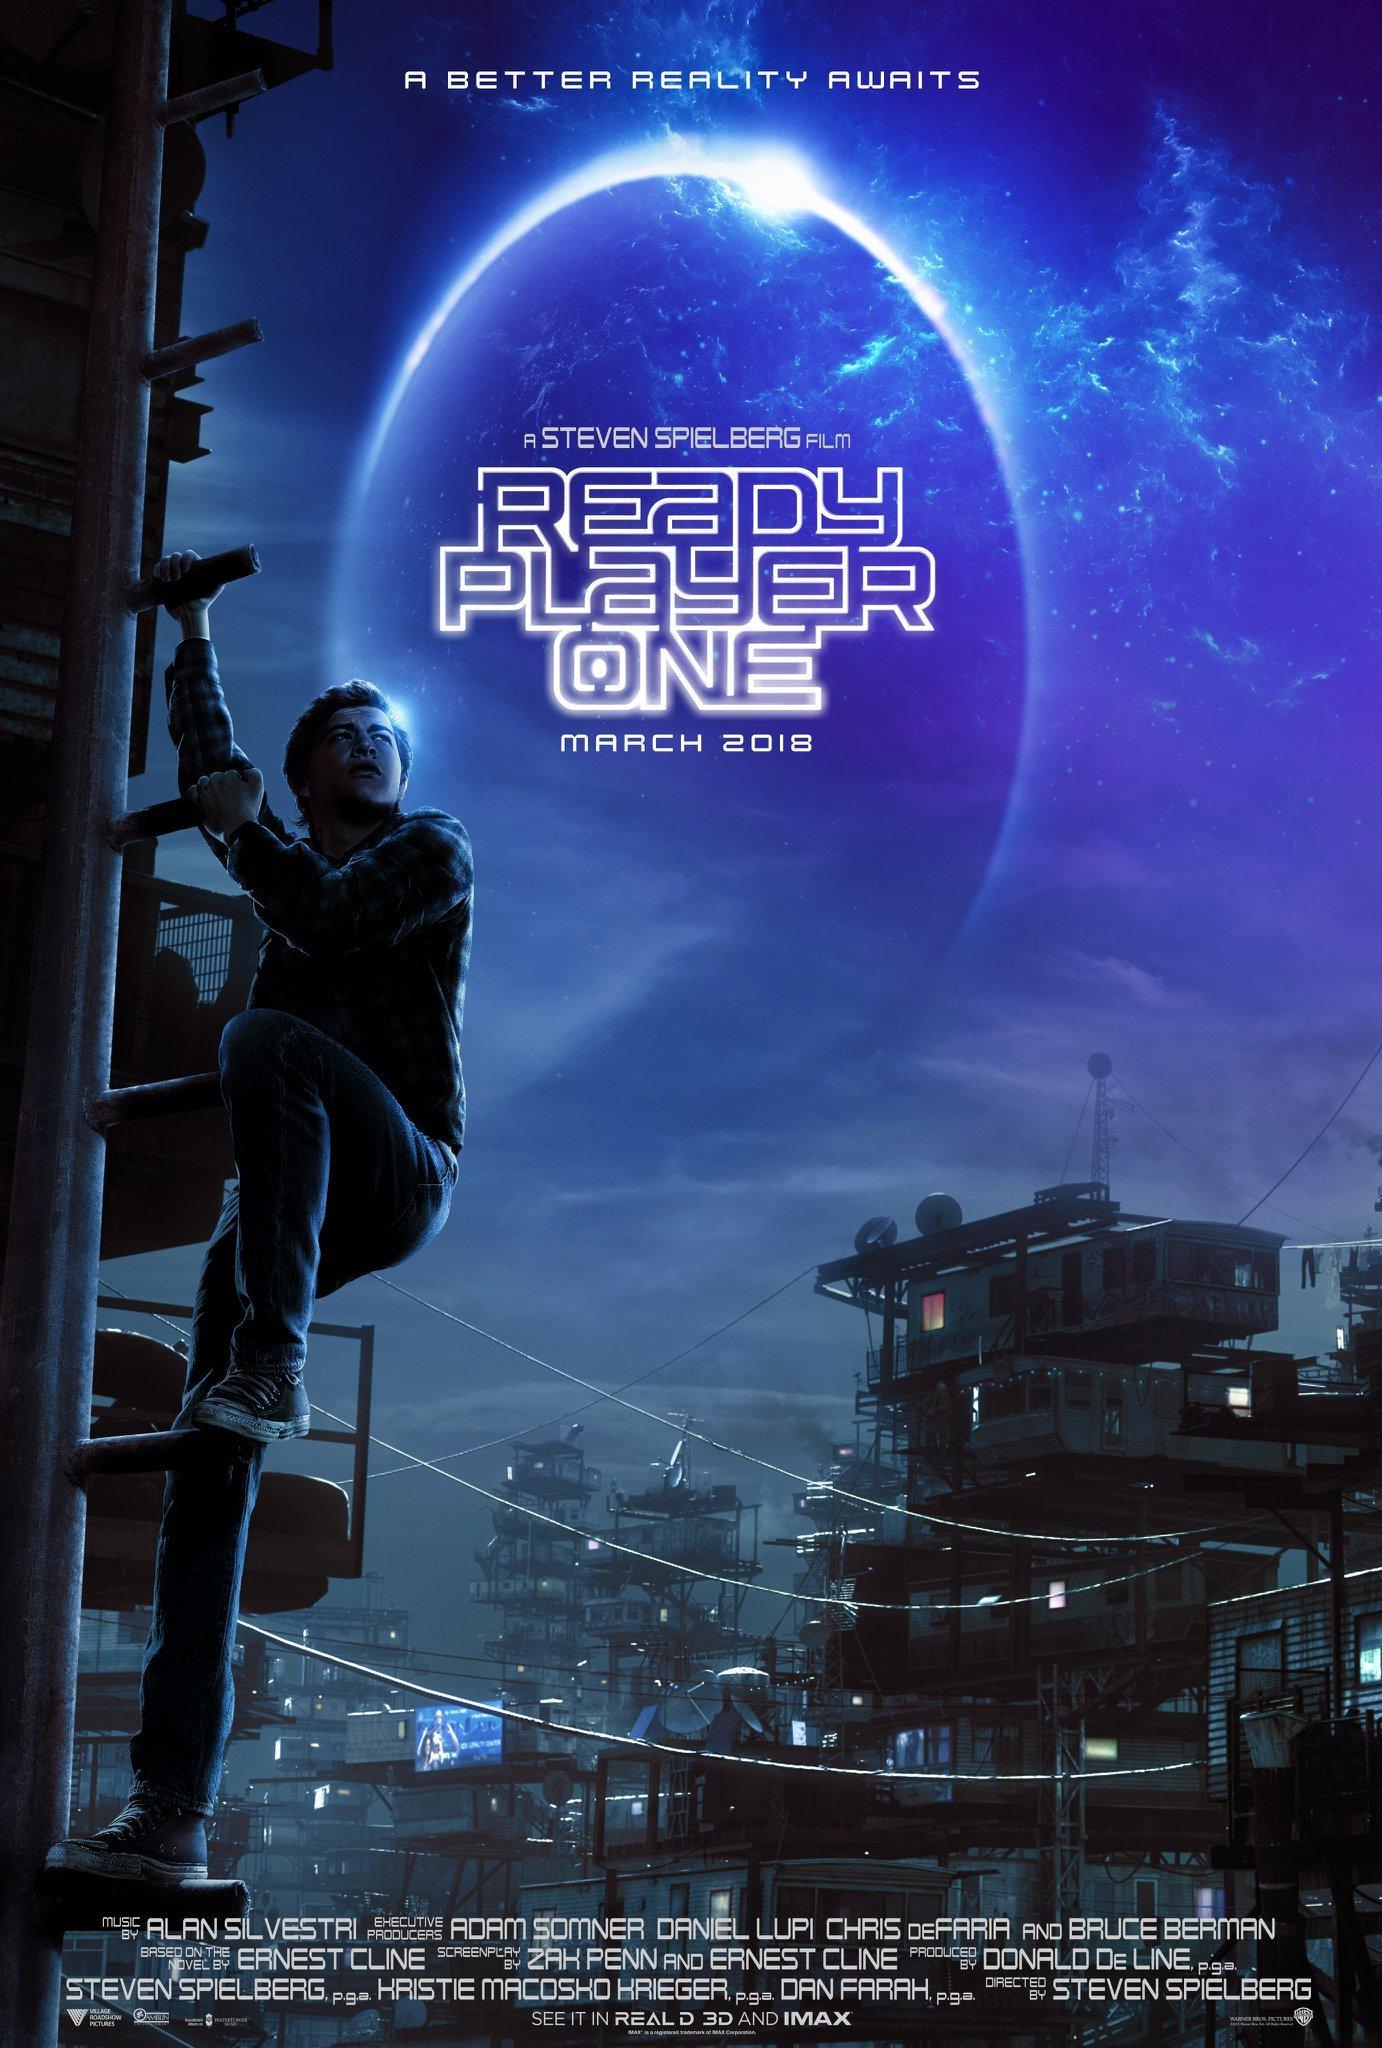 Poster do filme Jogador Nº 1 em que o protagonista, Wade, aparece subindo uma escada vertical, olhando para o horizonte. Ao fundo, numa favela de formas geométrica retangulares empilhadase, é possível ver relas e antenas. Uma espécie de círculo luminoso ilumina o céu noturno e toda a imagem é azulada.